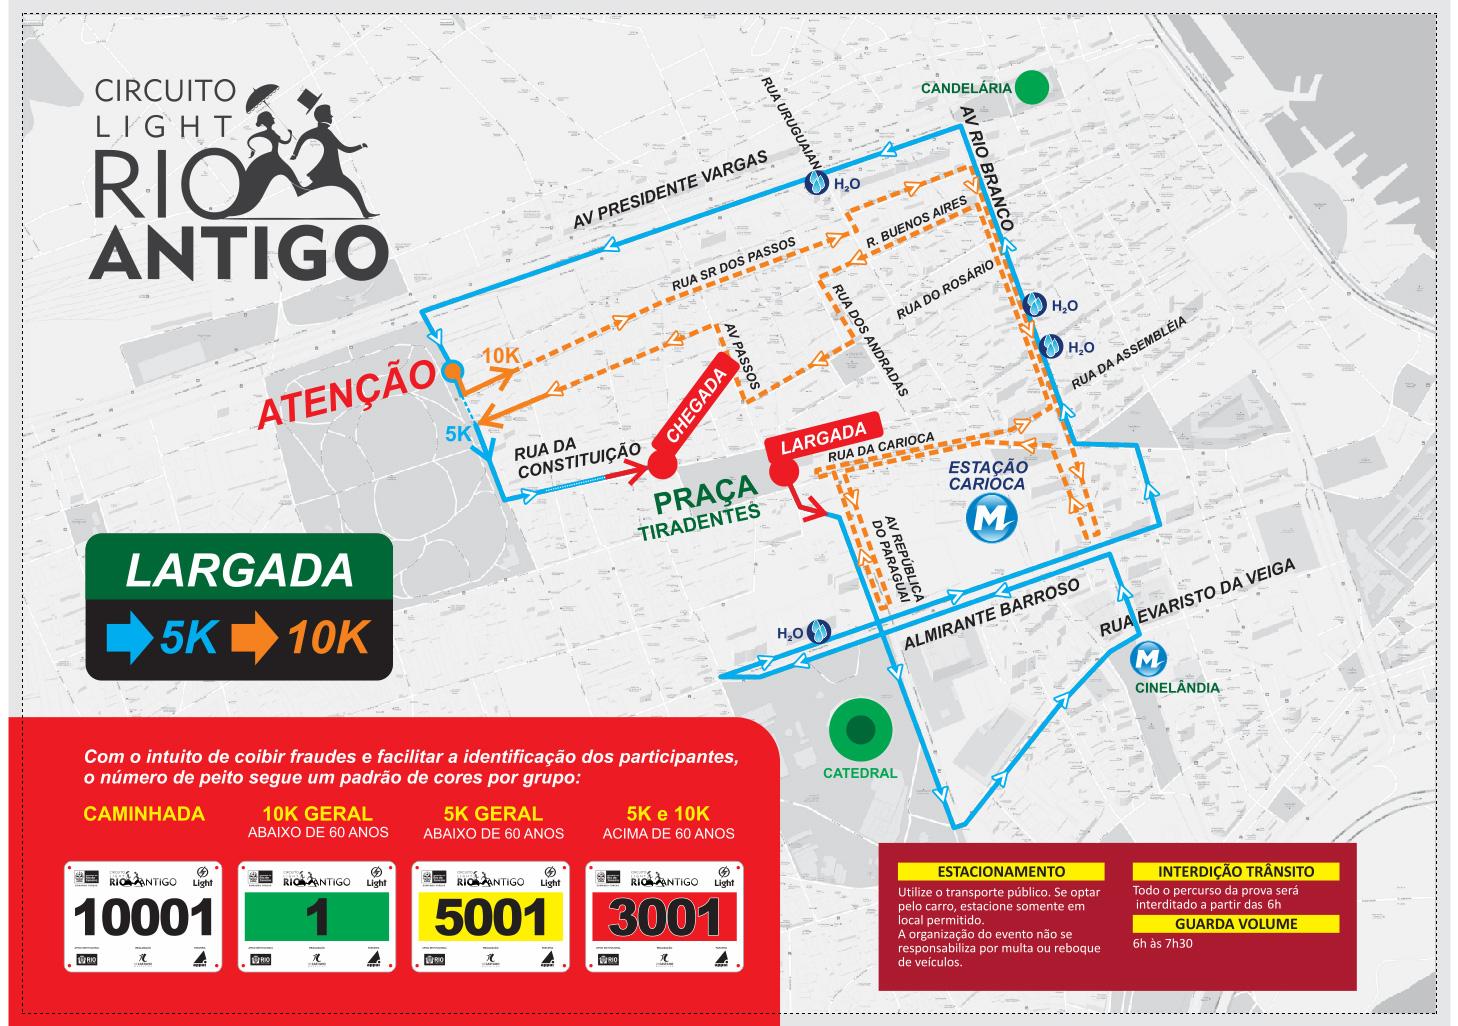 Circuito Rio Antigo : Informações para o circuito light rio antigo u2013 etapa tiradentes